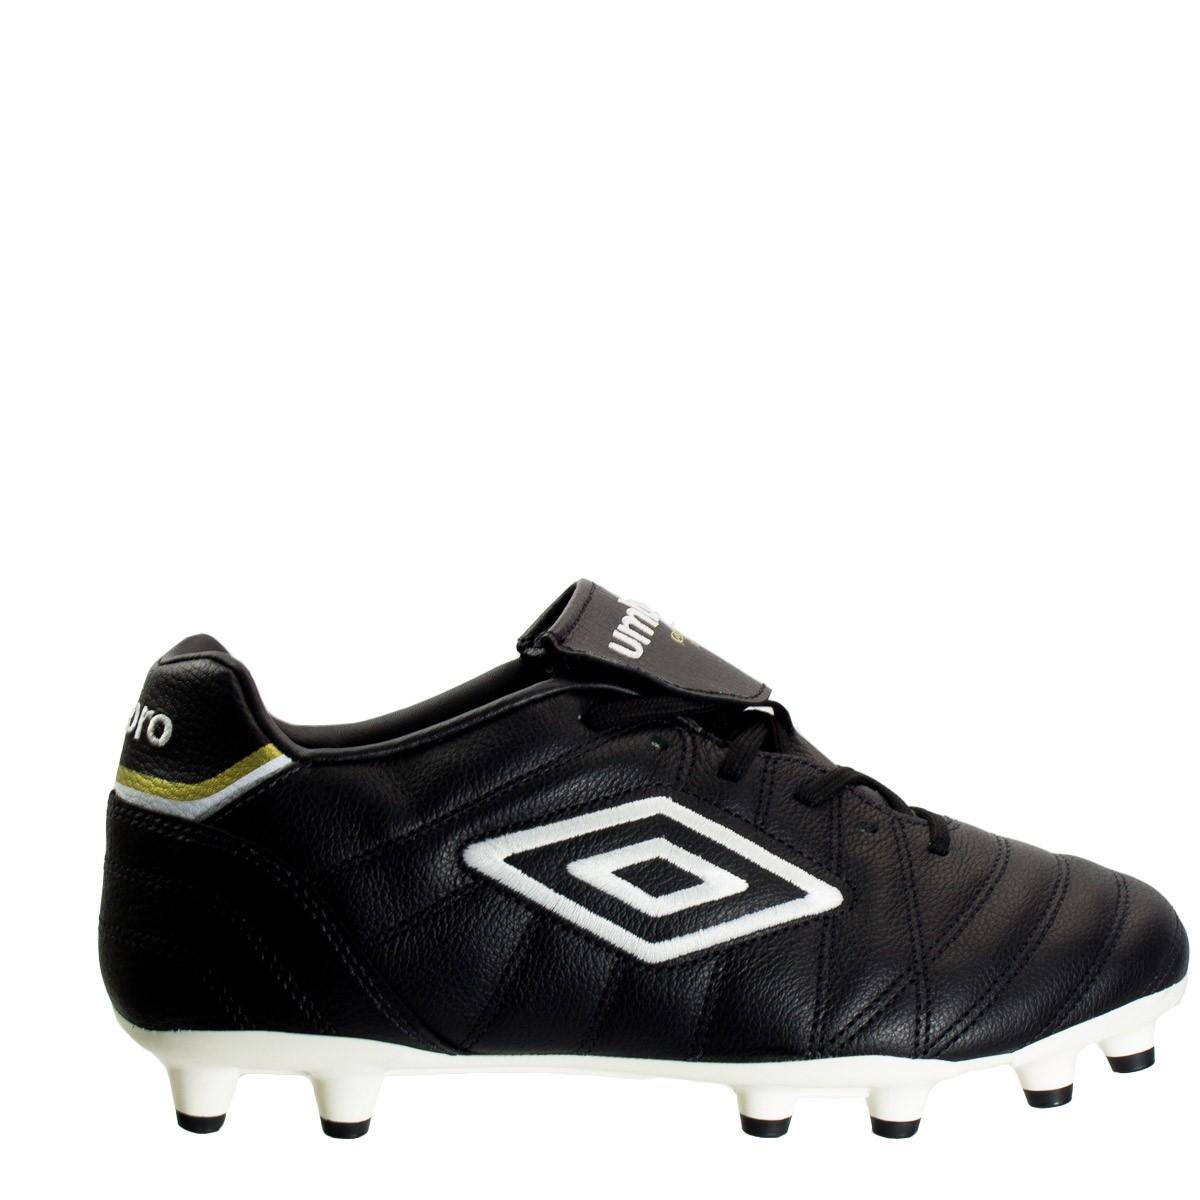 Bizz Store - Chuteira Futebol de Campo Umbro Speciali Premier 3f606b307a1f3